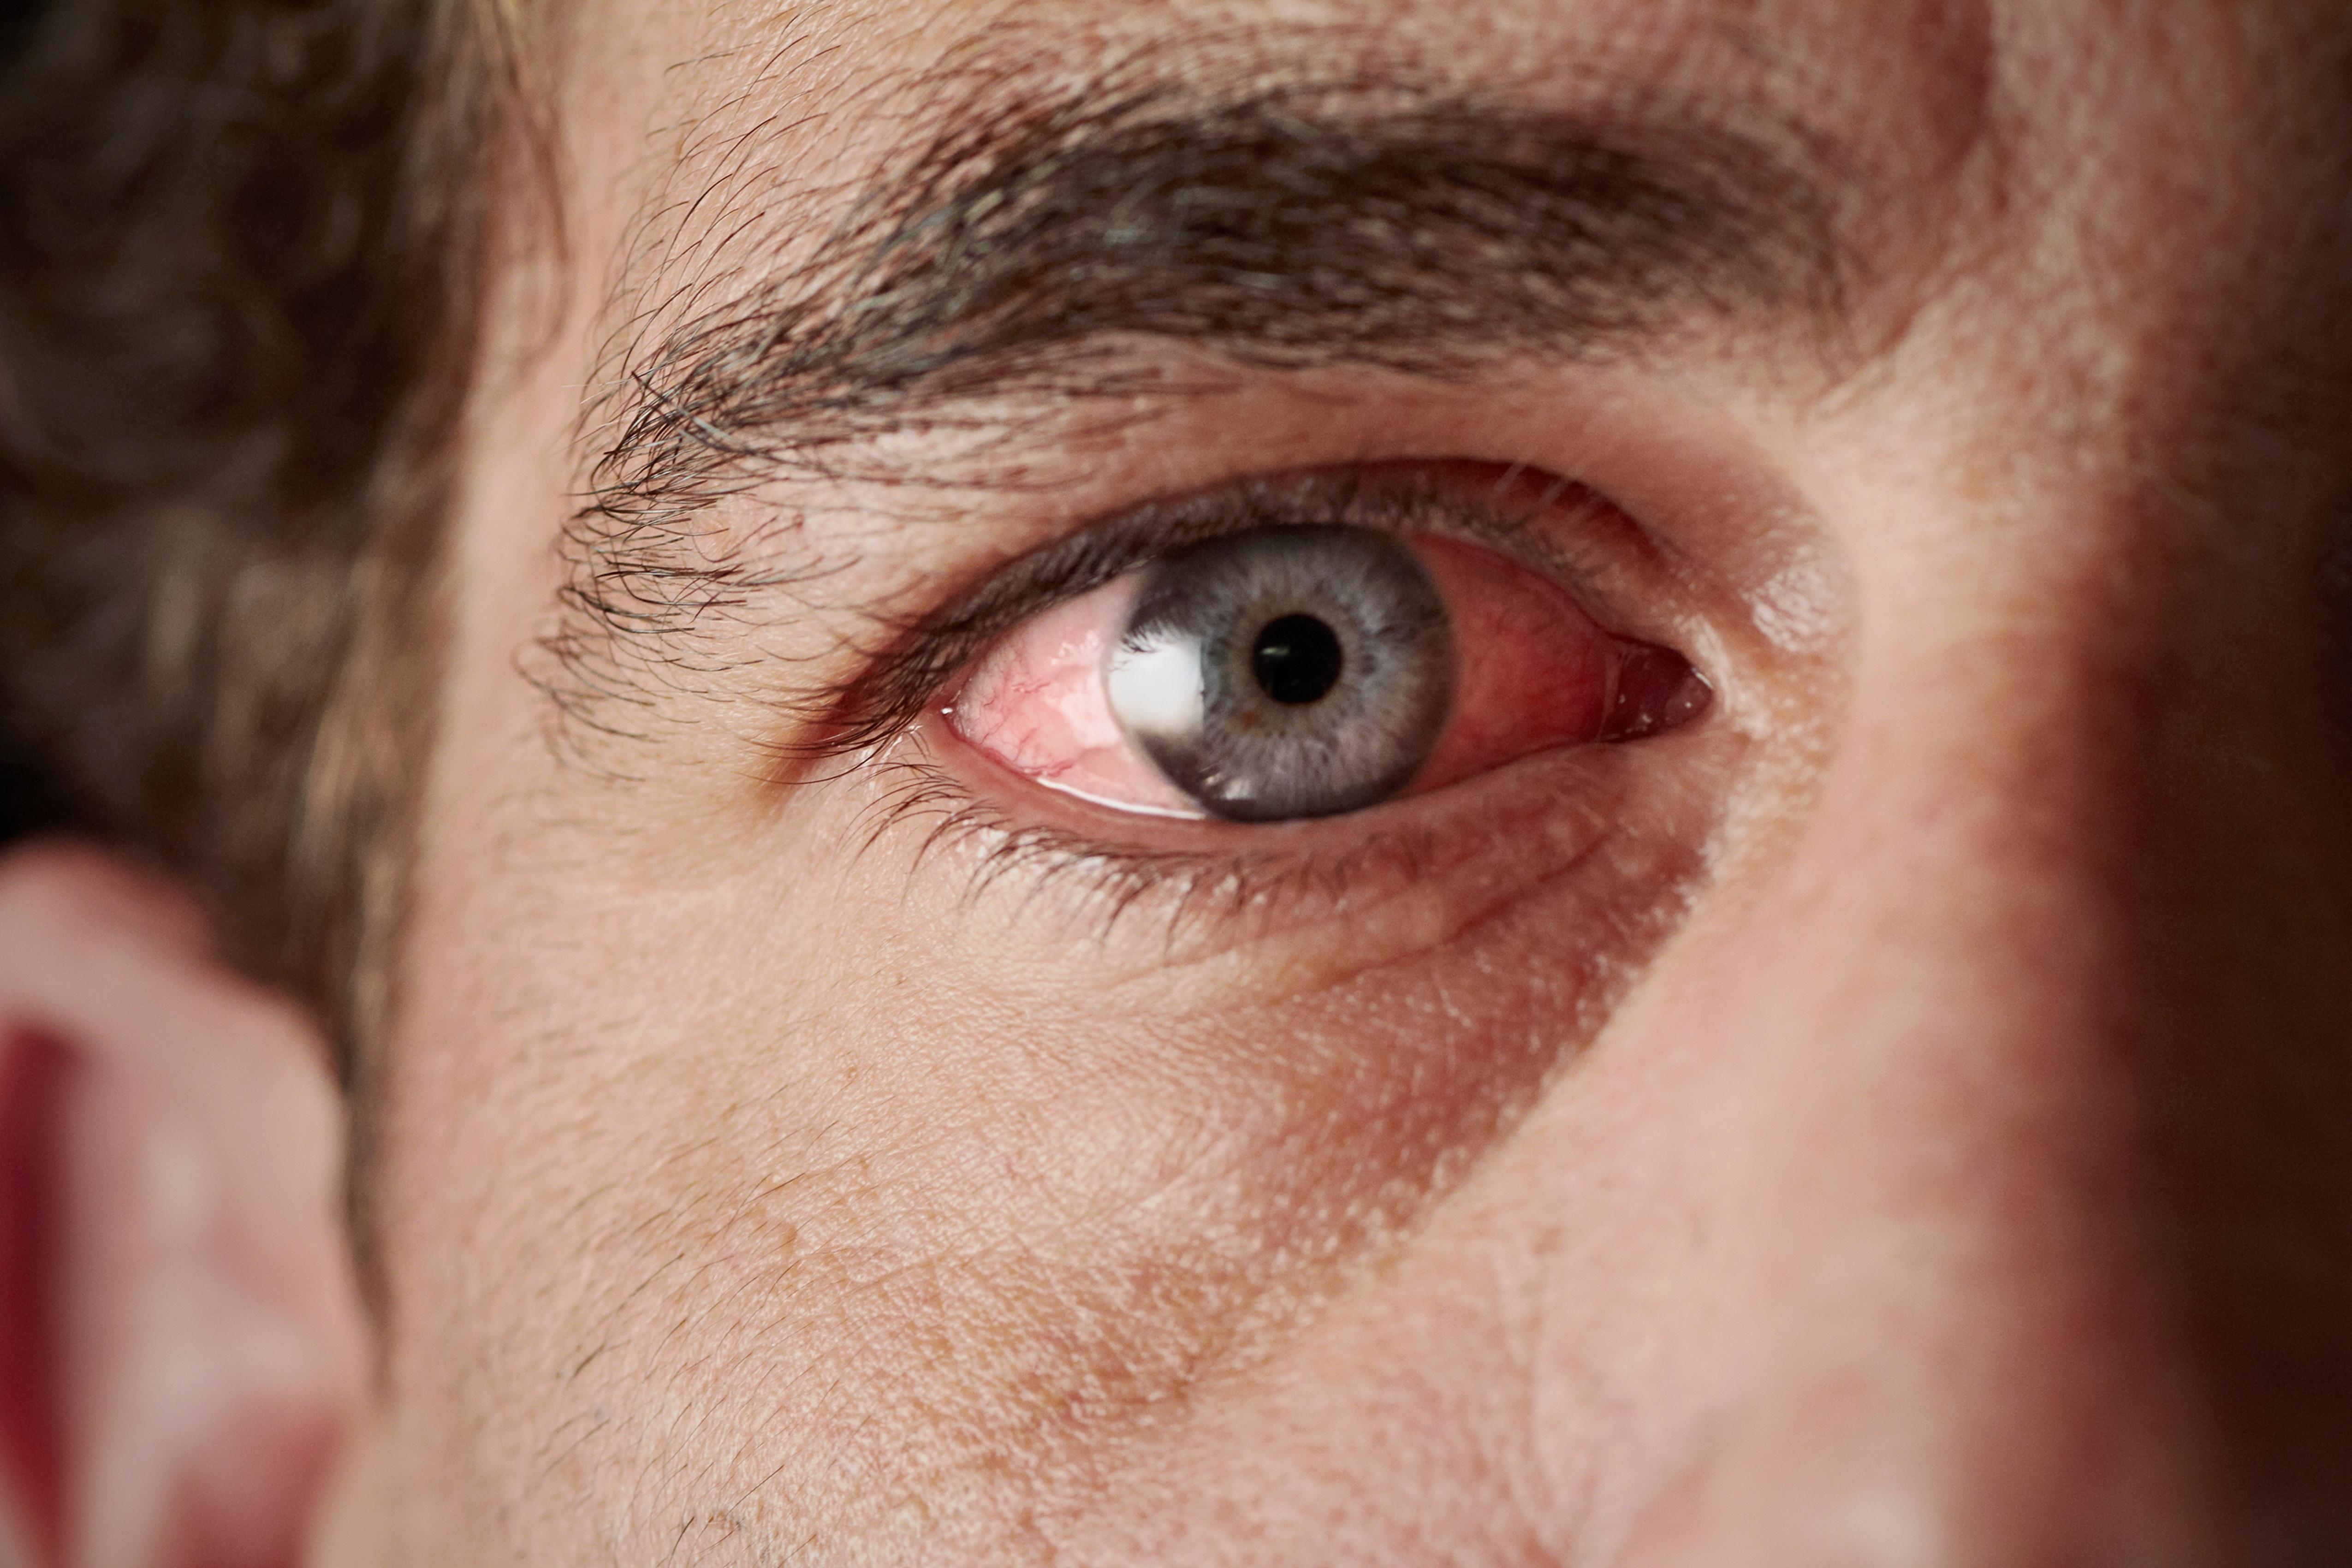 ha a szem alatt vörös pikkelyes foltok vannak hogyan kaphat árajánlatot a pikkelysömör kezelésére